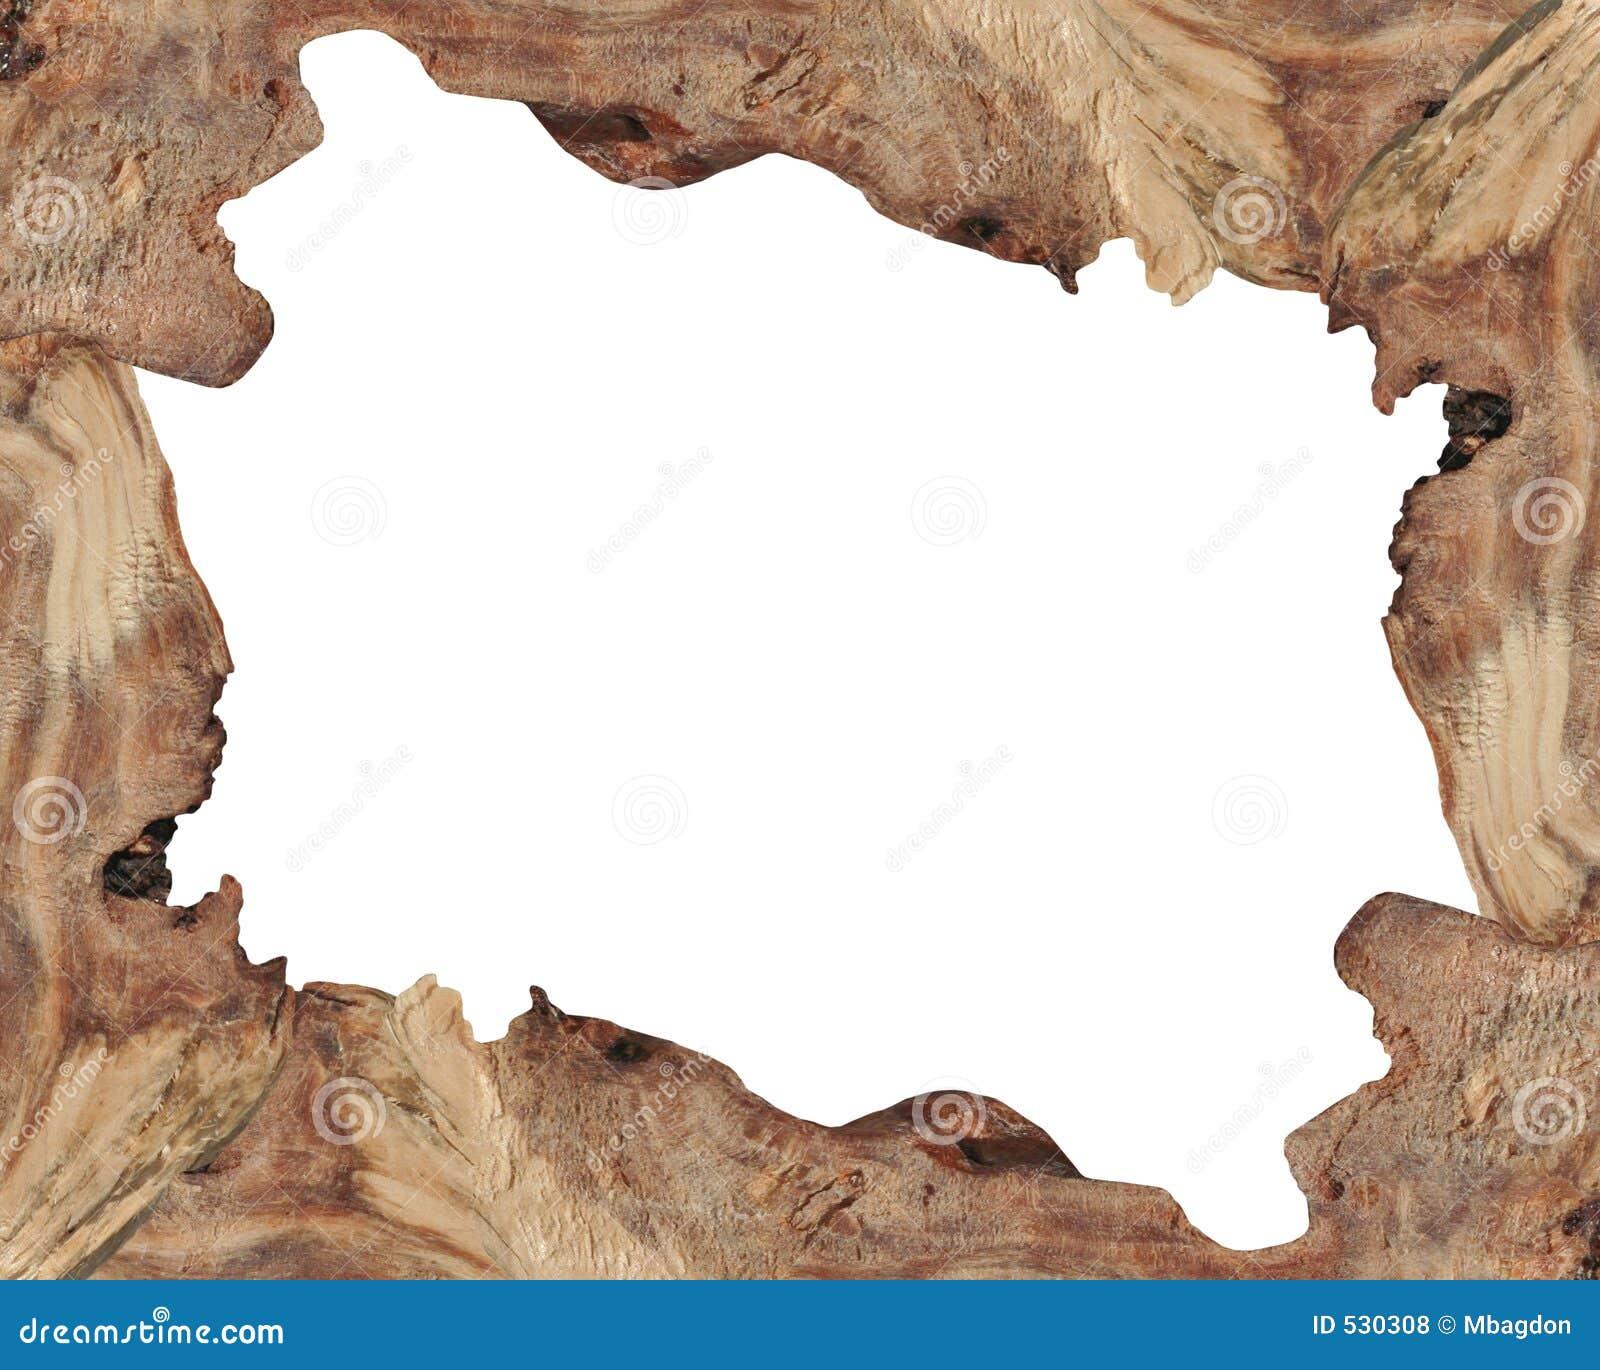 Download 木头 库存照片. 图片 包括有 表面, 结构树, 木头, 国界的, 边缘, 抽象, 纹理, 框架, 本质, 背包 - 530308